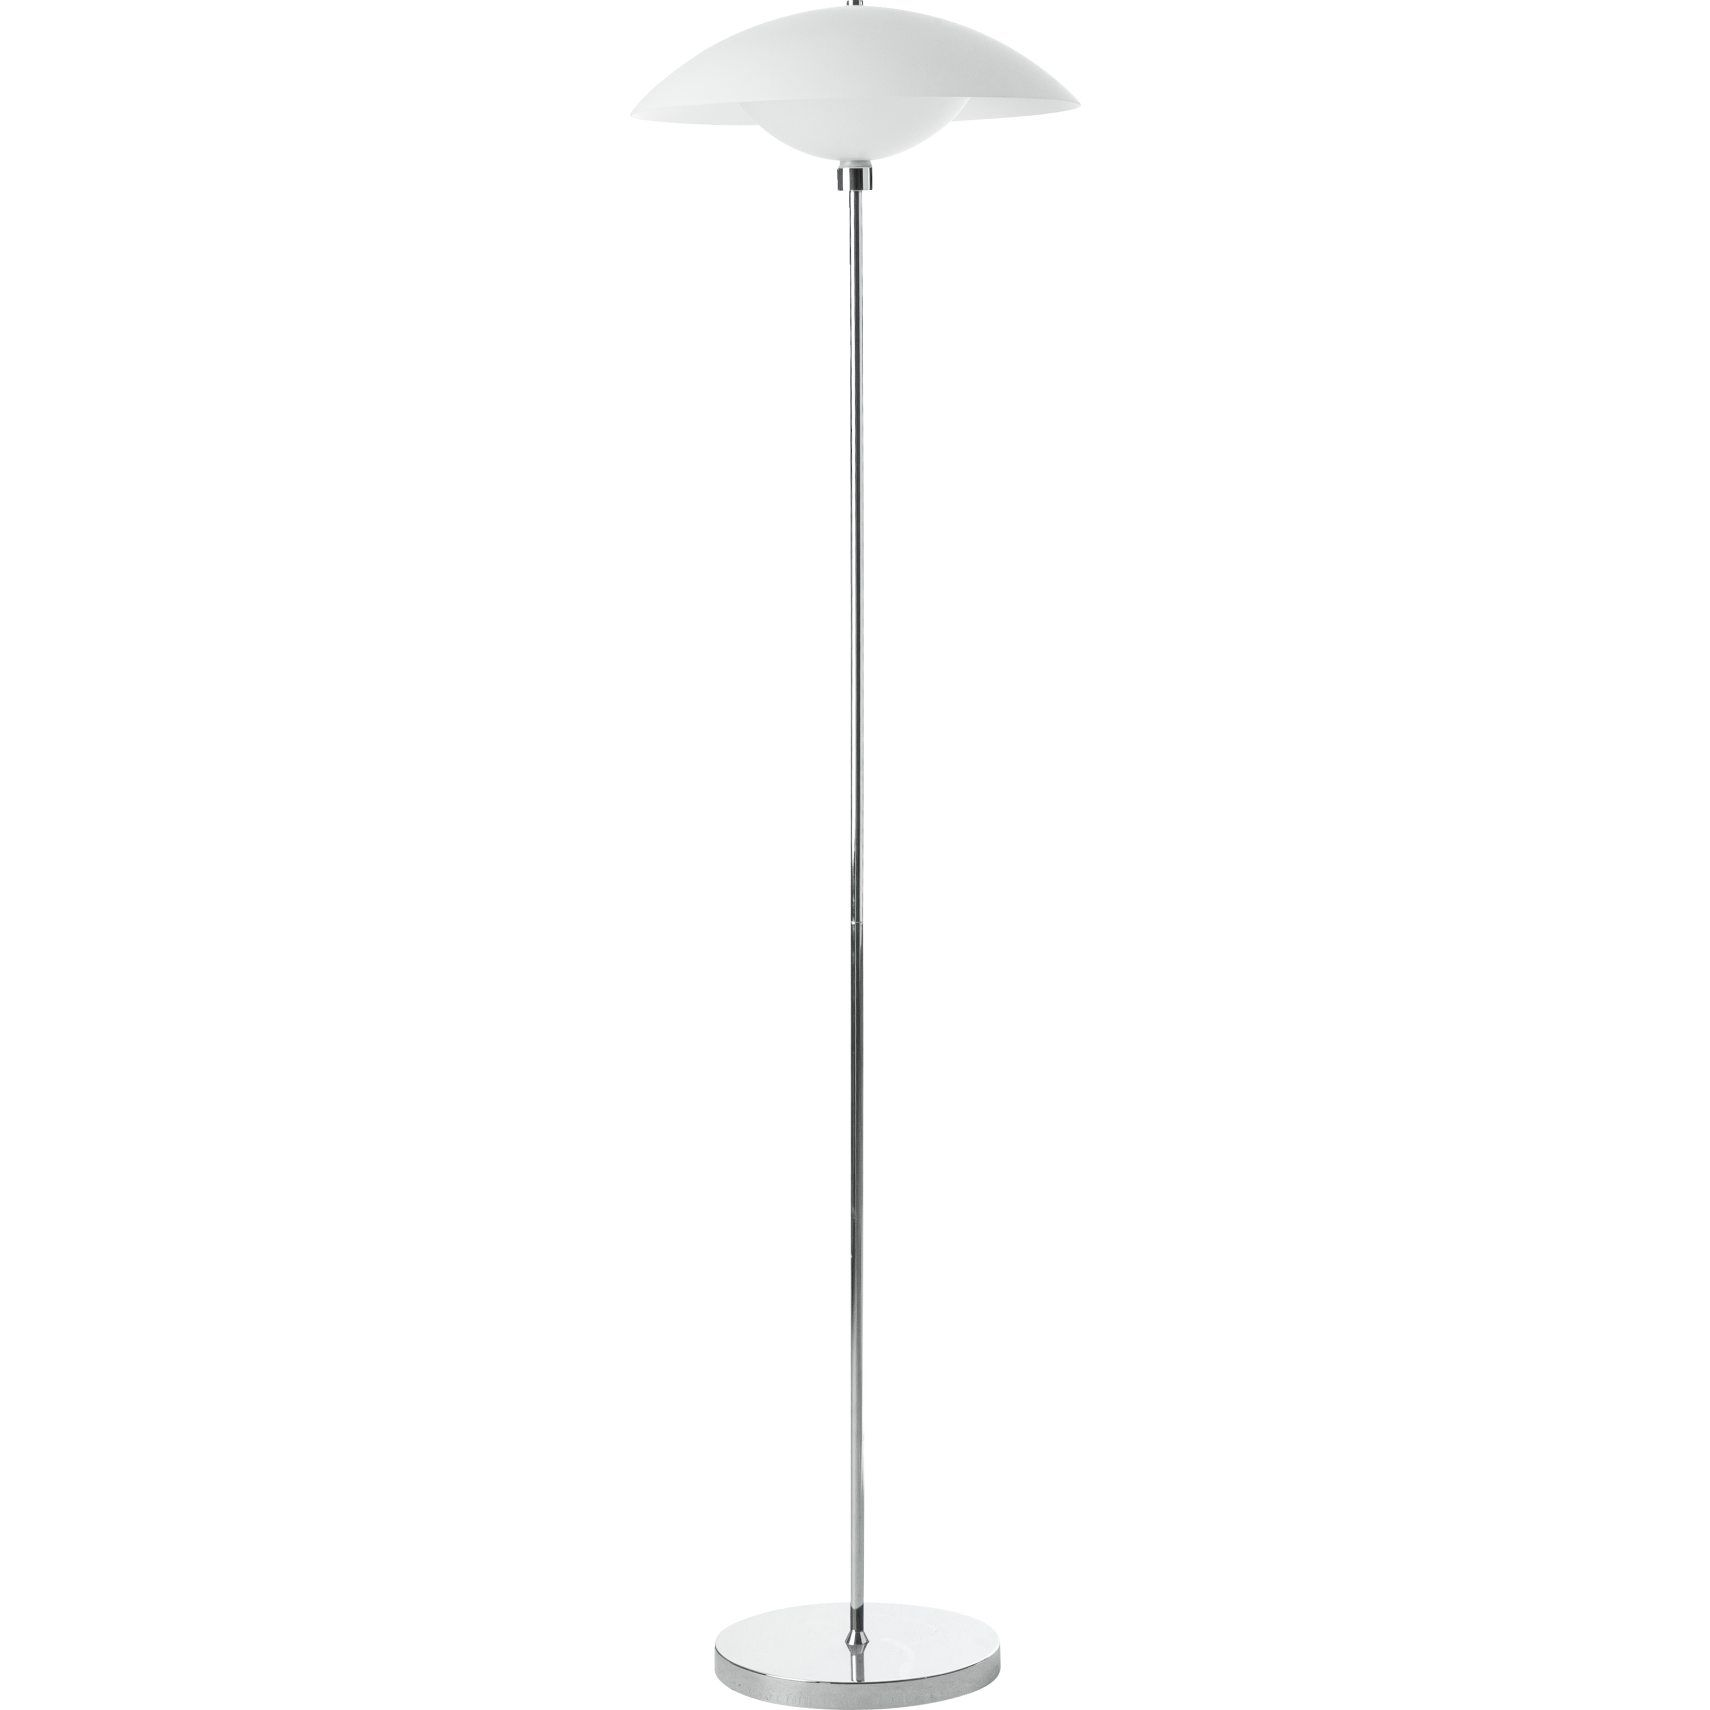 COPENHAGEN Floor lamp - 1,274,25 | OFFERS | ILVA | move to ...